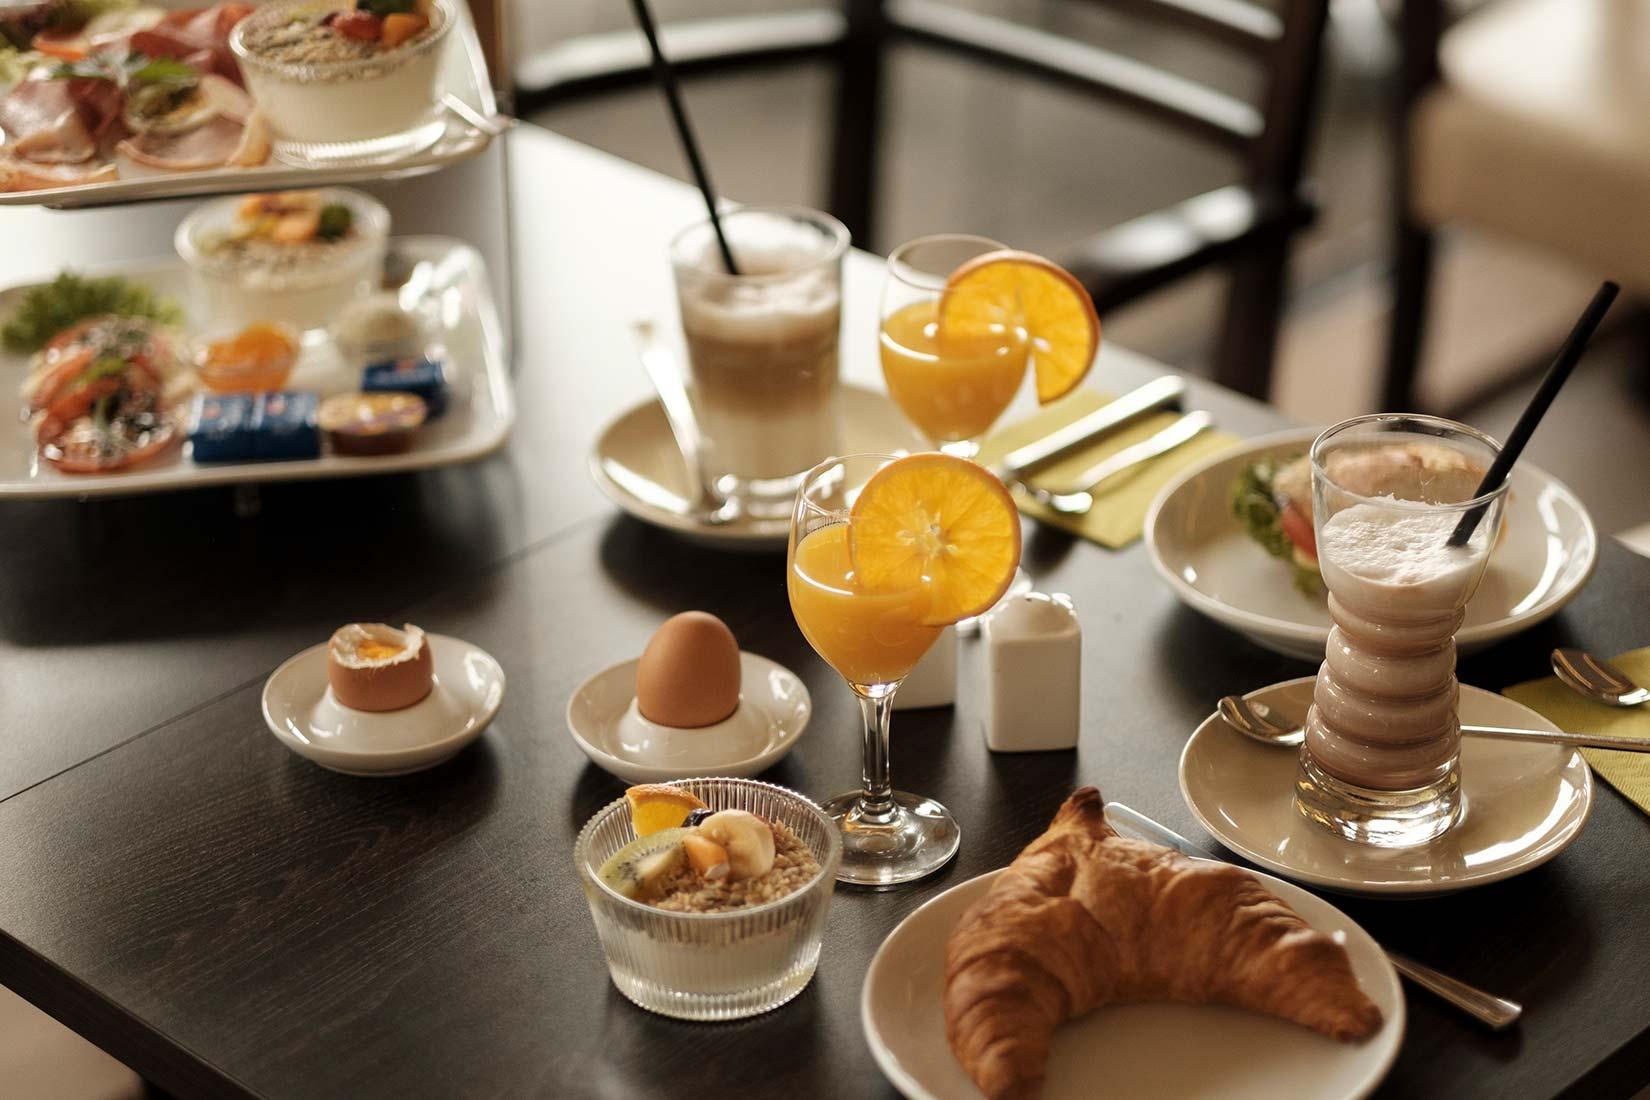 Lecker gedeckter Frühstückstisch mit Cappuccino, Latte Macciato, Orangensaft, Müsli mit frischen Früchten, Eiern, Wurstaufschnitt